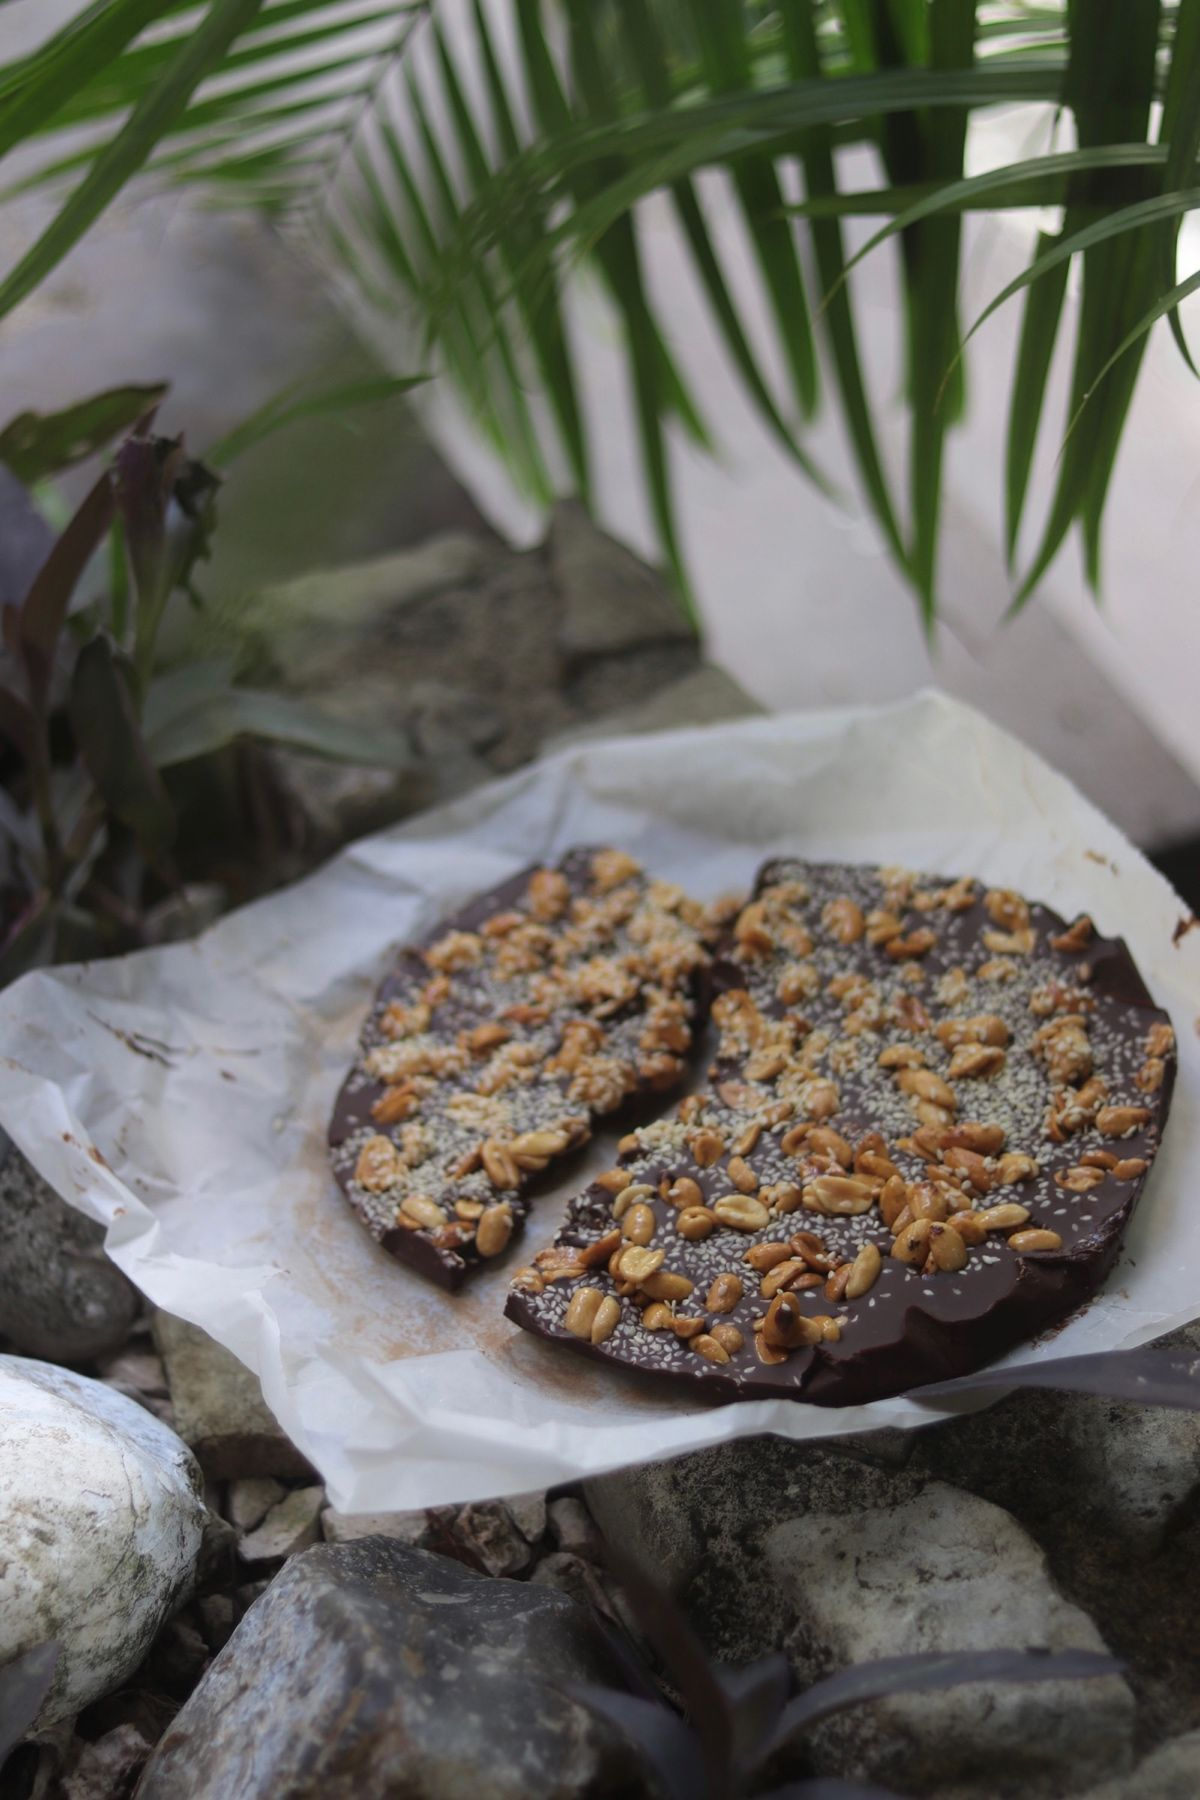 Hemmagjort chokladbräck, Enkel hemmagjord chokladbräck